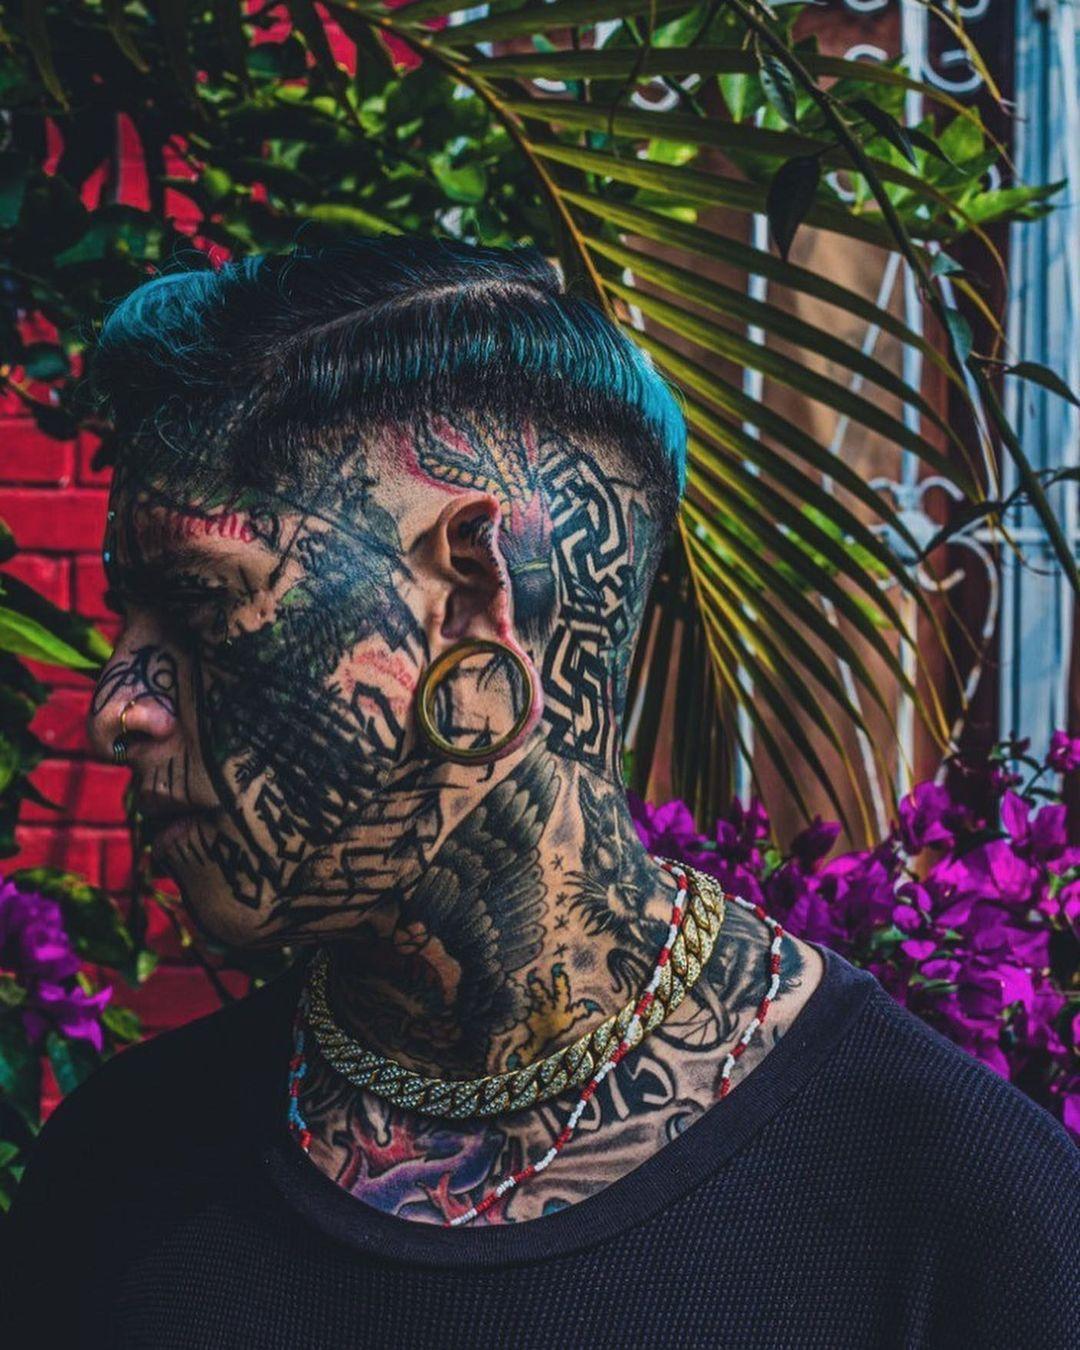 Мексиканский дьявол покрыл тело тату, раздвоил язык и закрасил глазные яблоки